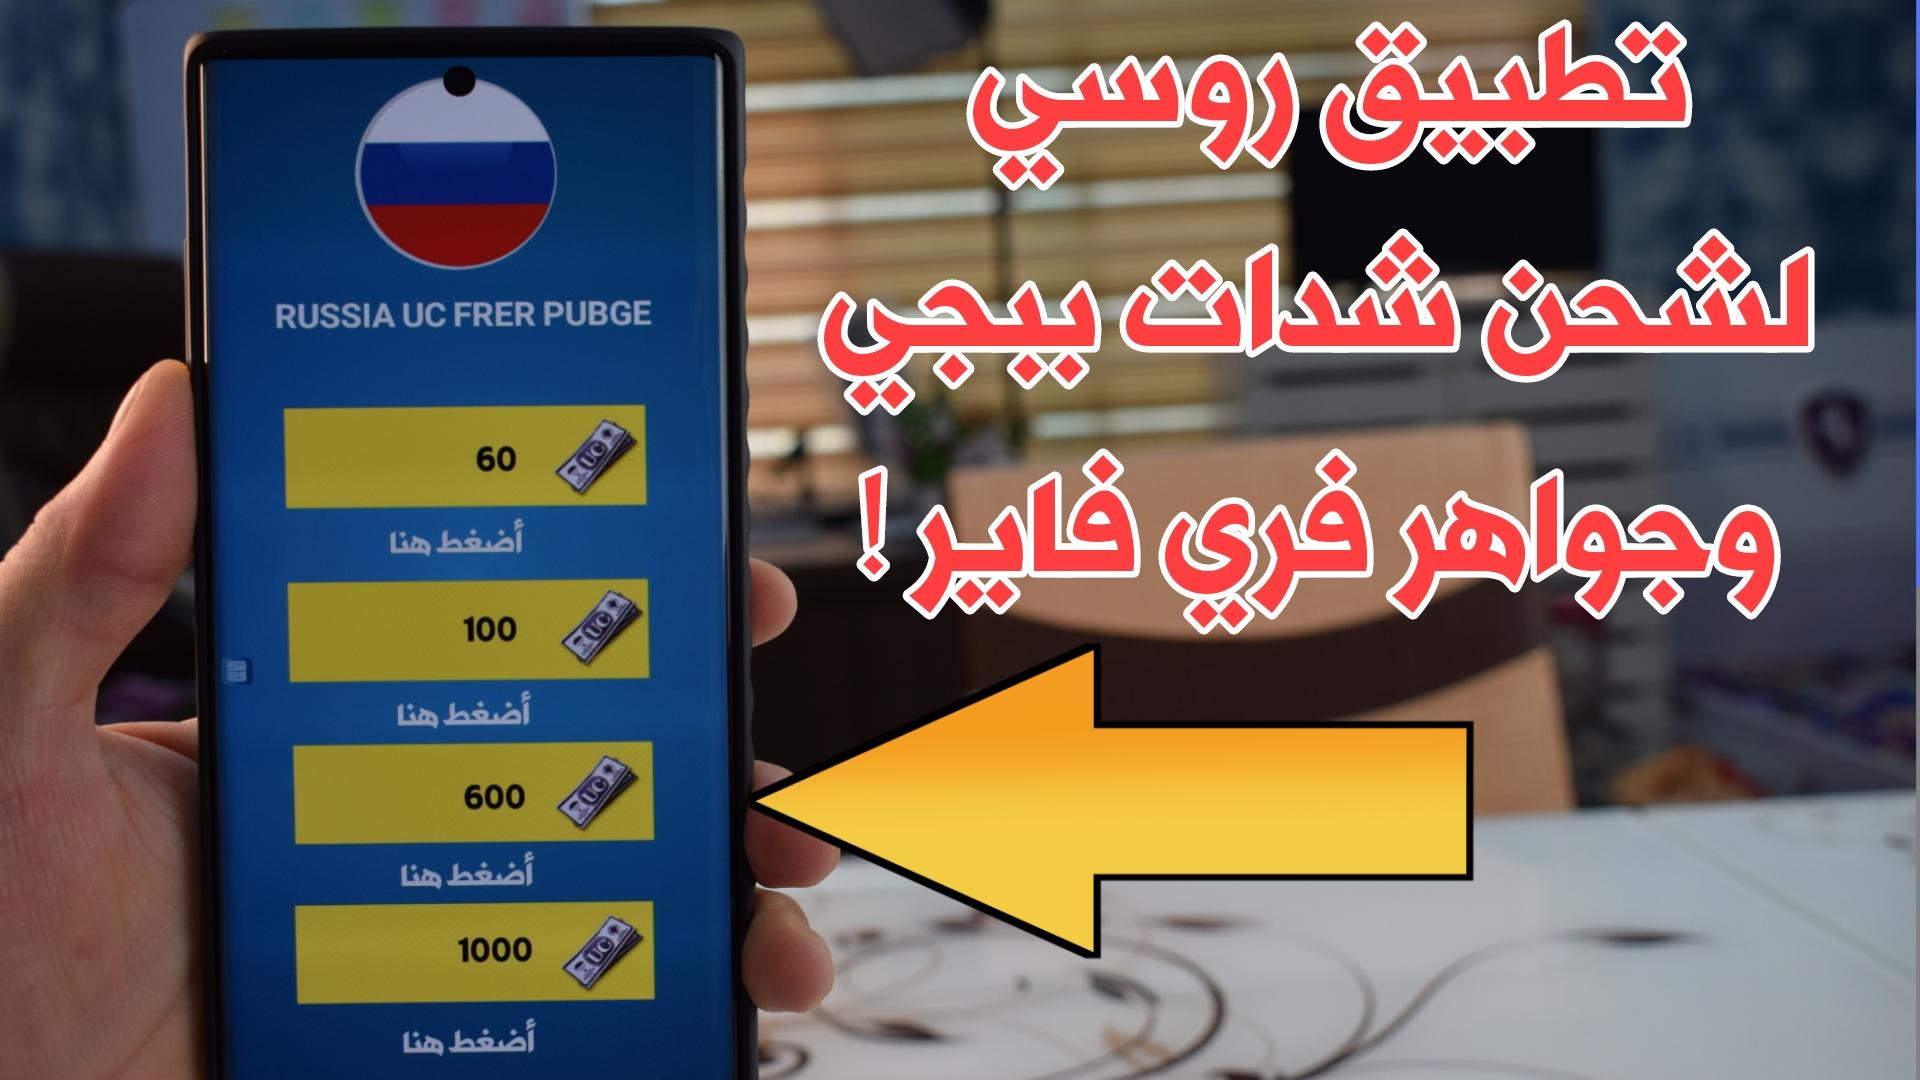 تطبيق روسي حصري شدات مجاناً وجواهر فري فاير ! الكل سيشحن UC مجانية